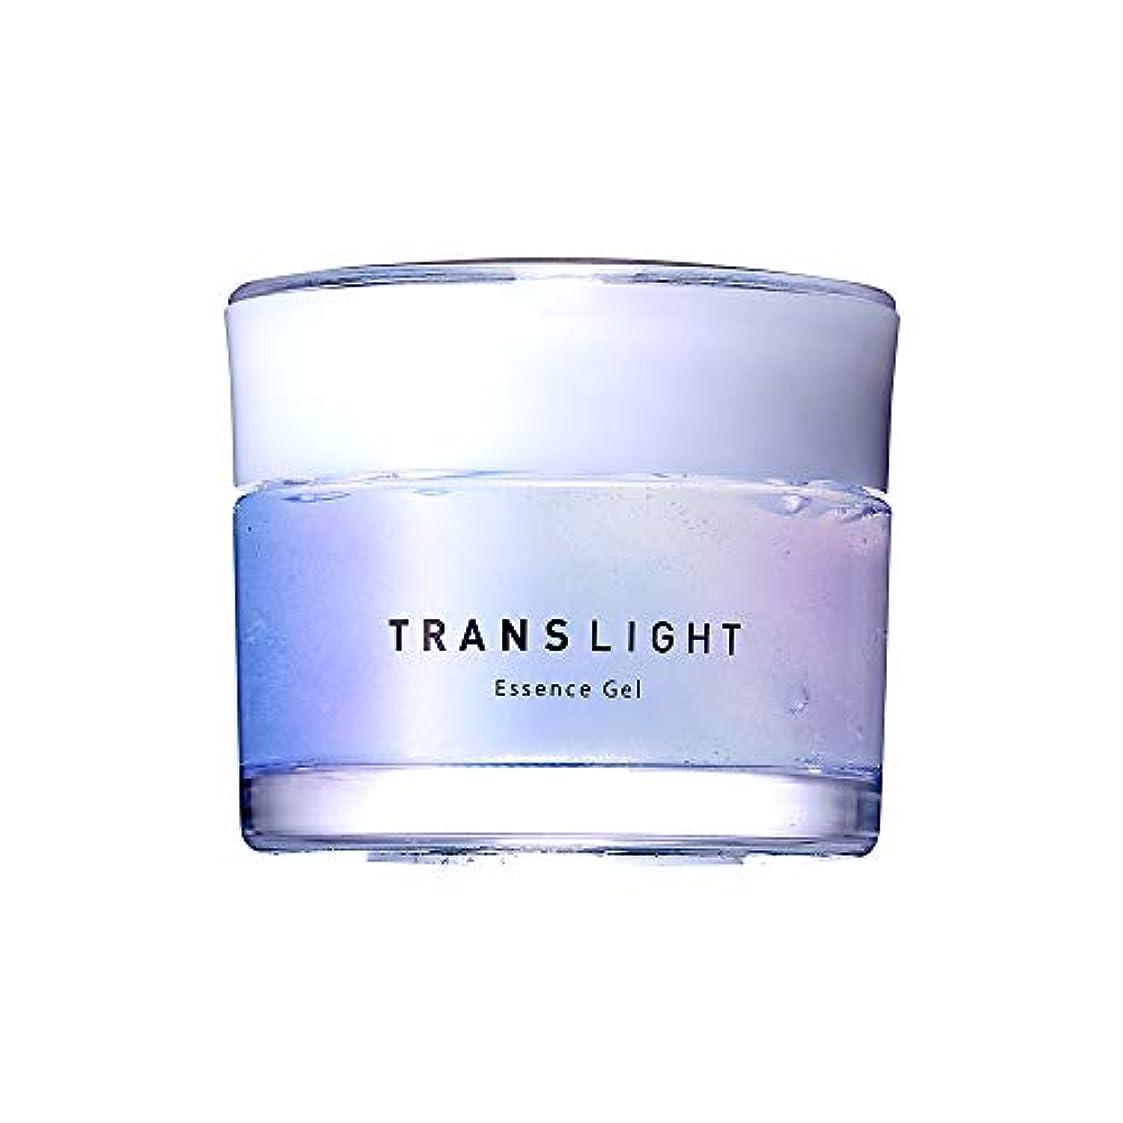 良さ取り囲むに対処するTRANSLIGHT トランスライト エッセンスジェル <ジェル状美容液> 30g